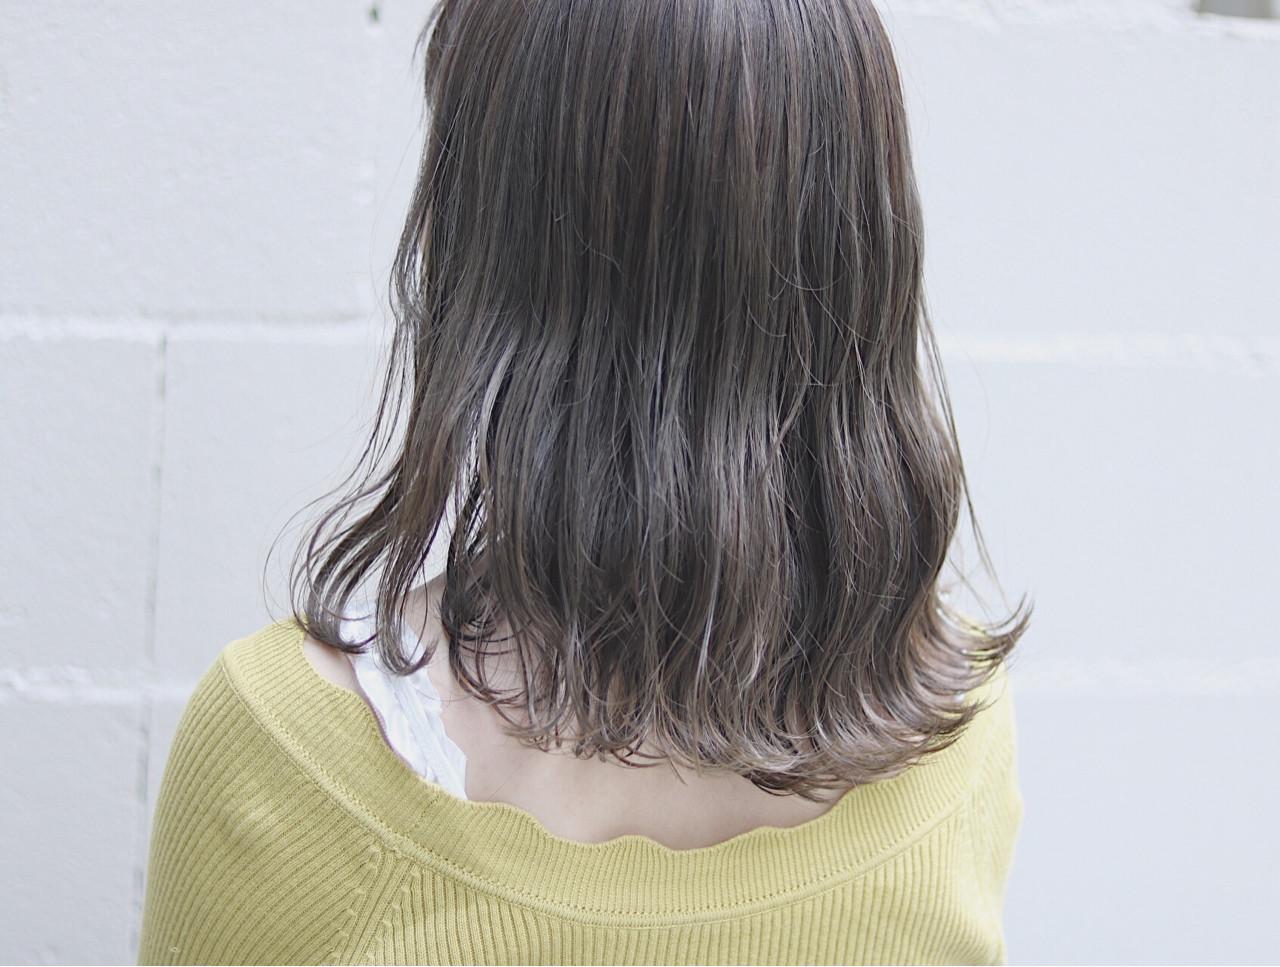 ナチュラル 切りっぱなし ミディアム イルミナカラーヘアスタイルや髪型の写真・画像